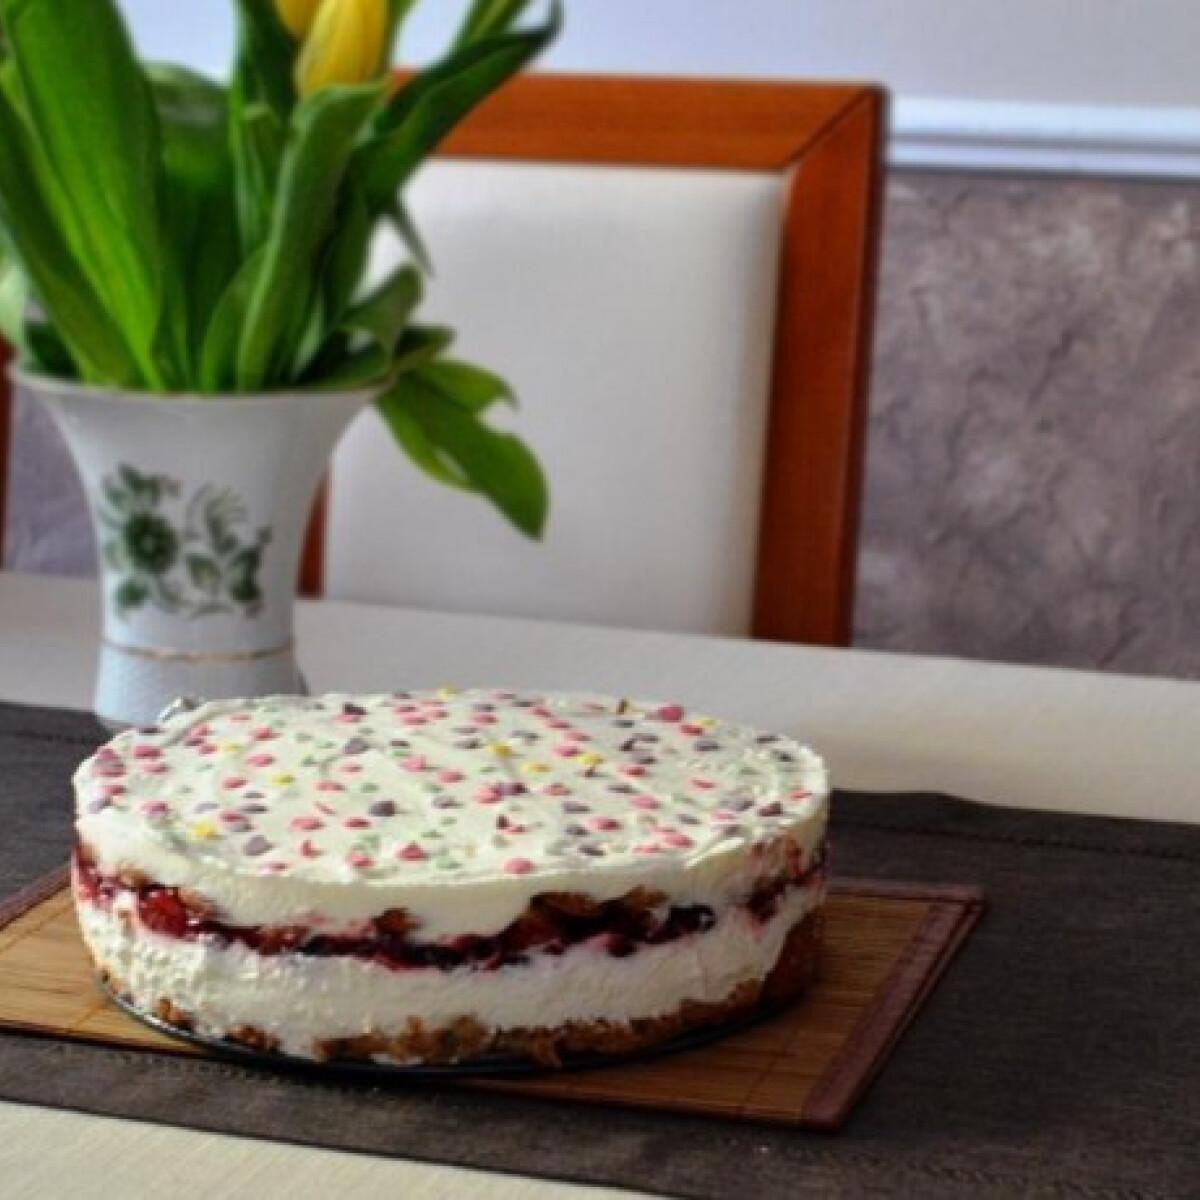 Ezen a képen: Gyümölcsös-joghurtos torta